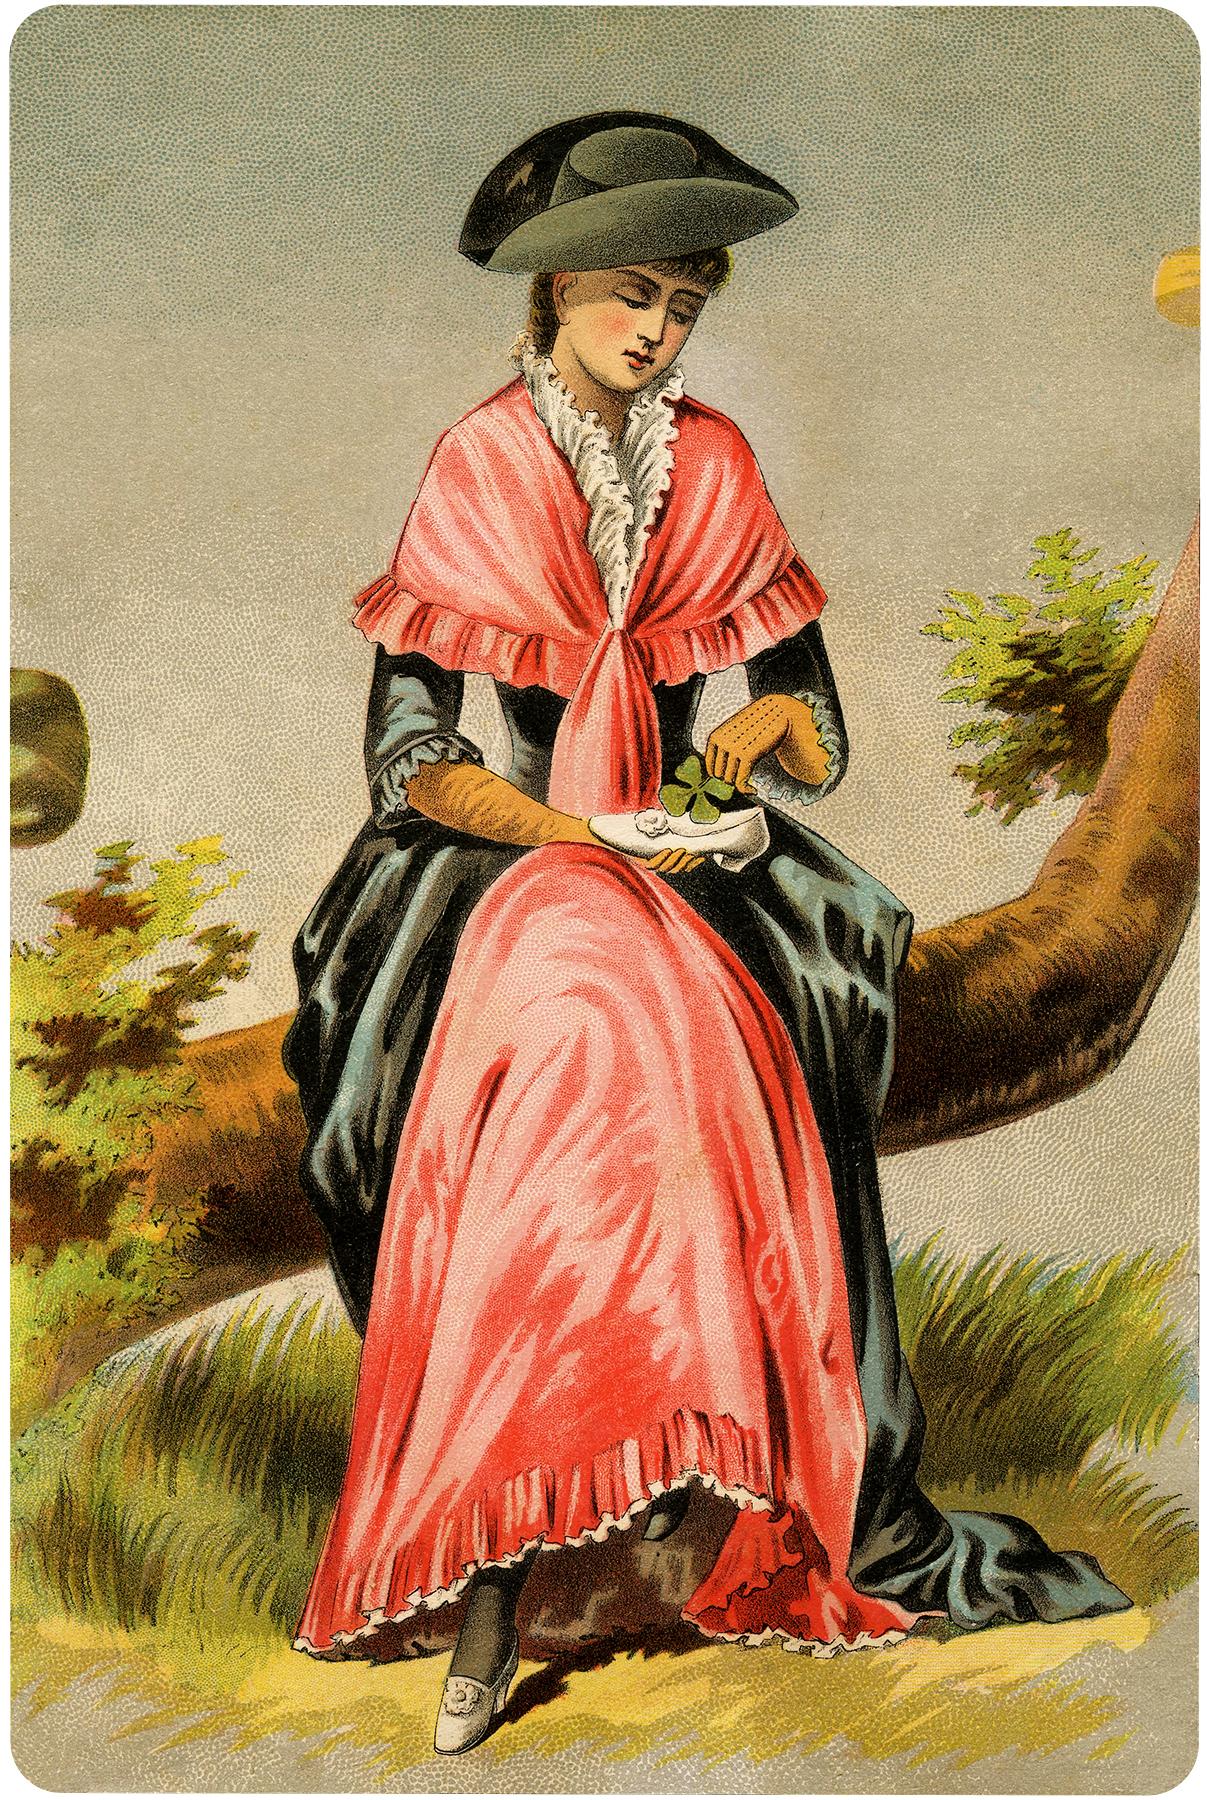 Vintage Shamrock Shoe Lady Image